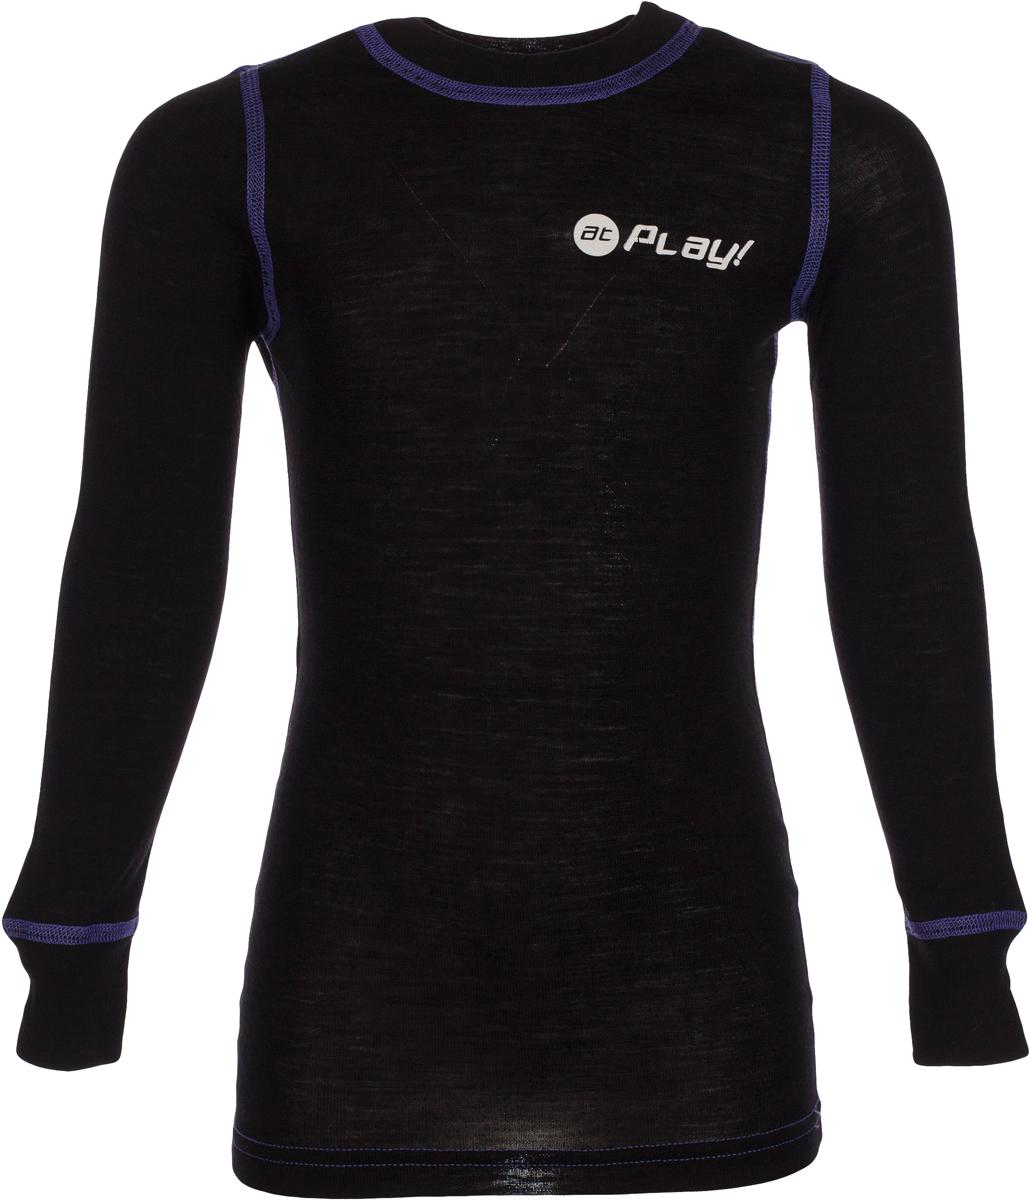 Футболка детская atPlay!, цвет: черный, фиолетовый. 3tjk761. Размер 1343tjk761